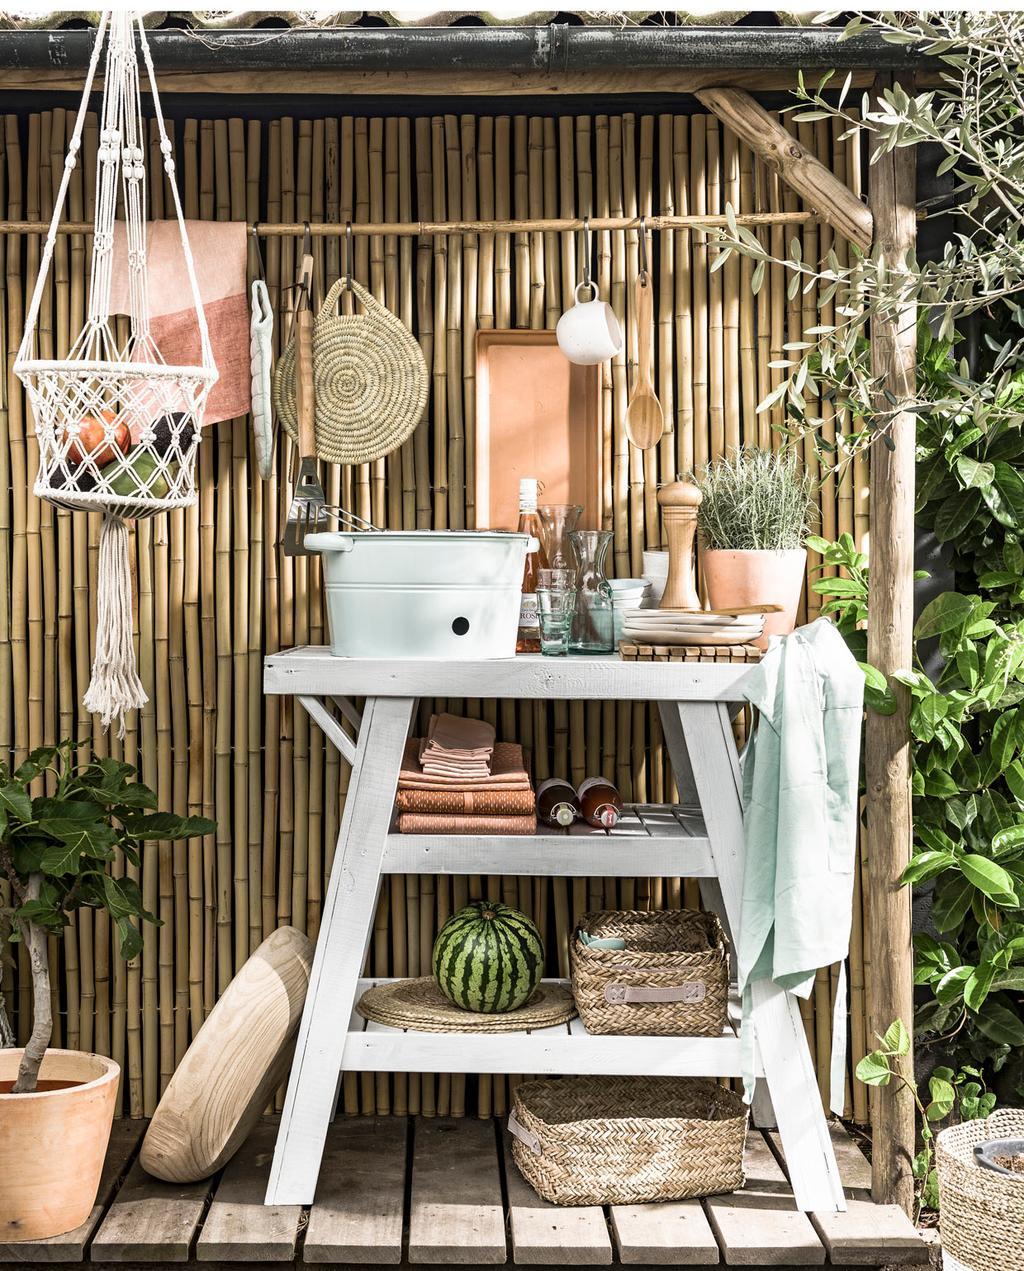 vtwonen 07-2016 | zomerzoet vakantie in eigen tuin styling  / Maak de ideale buitenkeuken met deze 3 DIY's | vtwonen